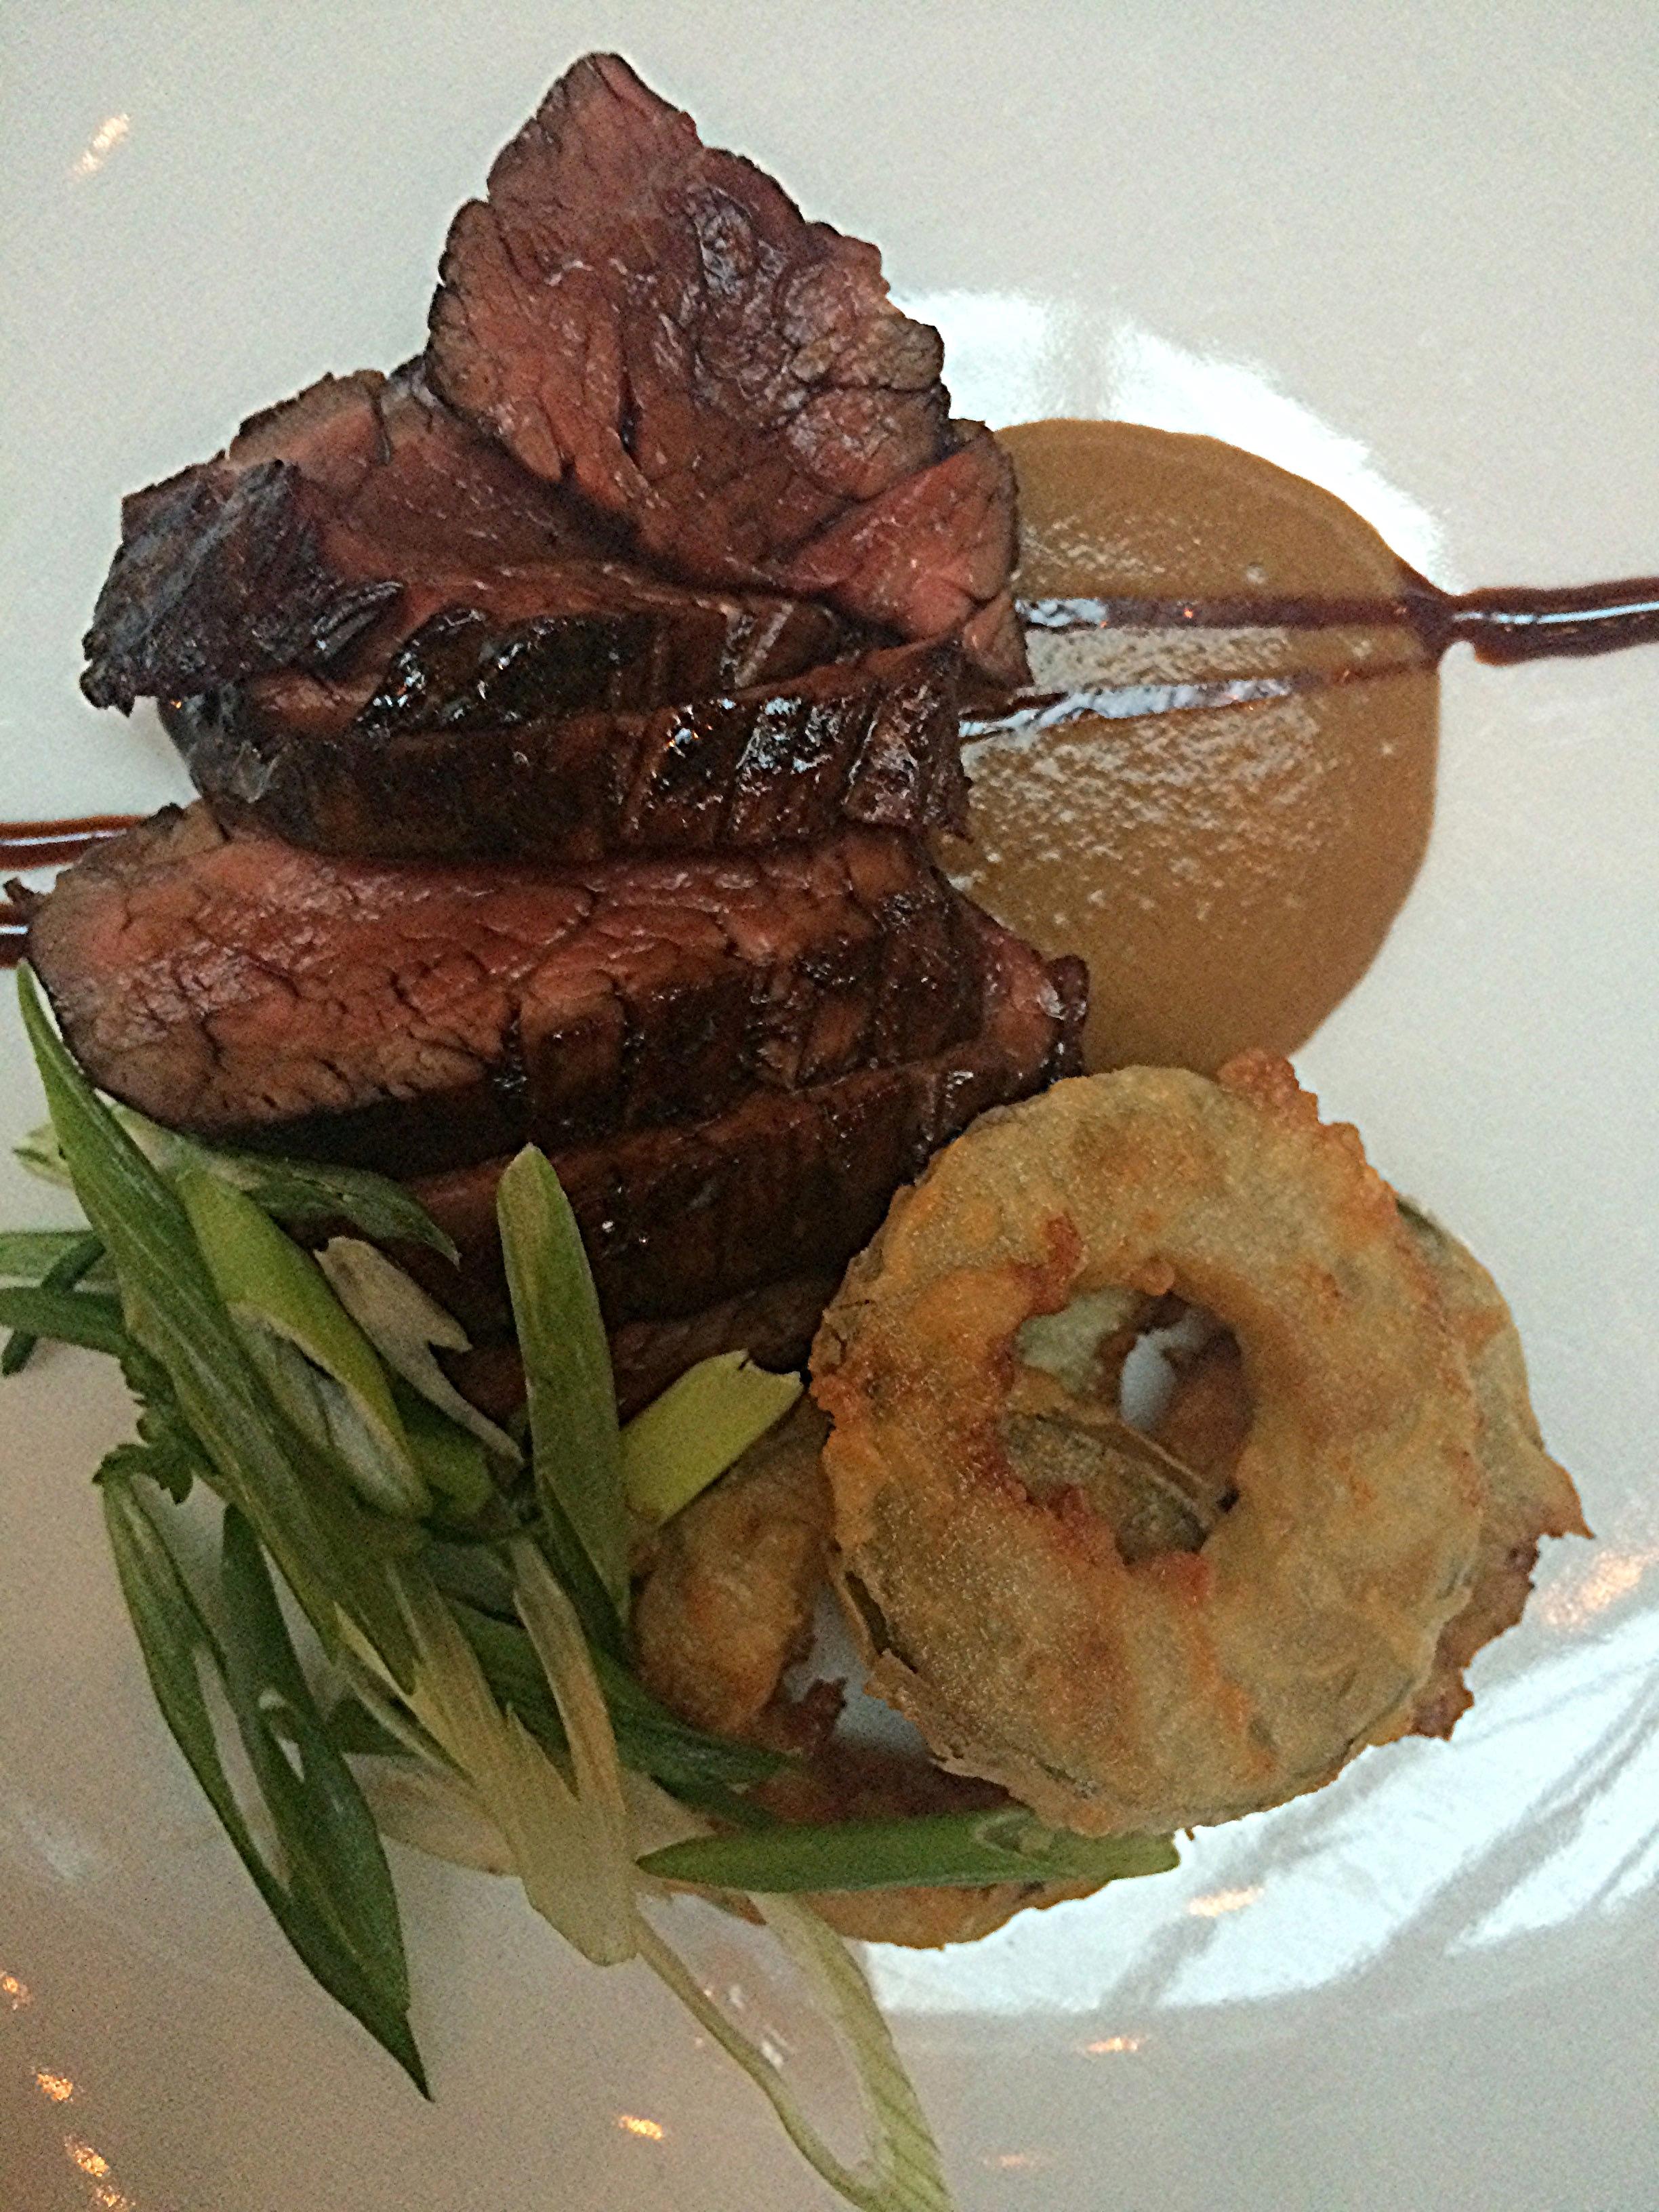 Um Hanger Steak grelhado (um corte na região peitoral do gado),Mostarda japonesa, molho de uma espécie de enguia e cebolinhas.